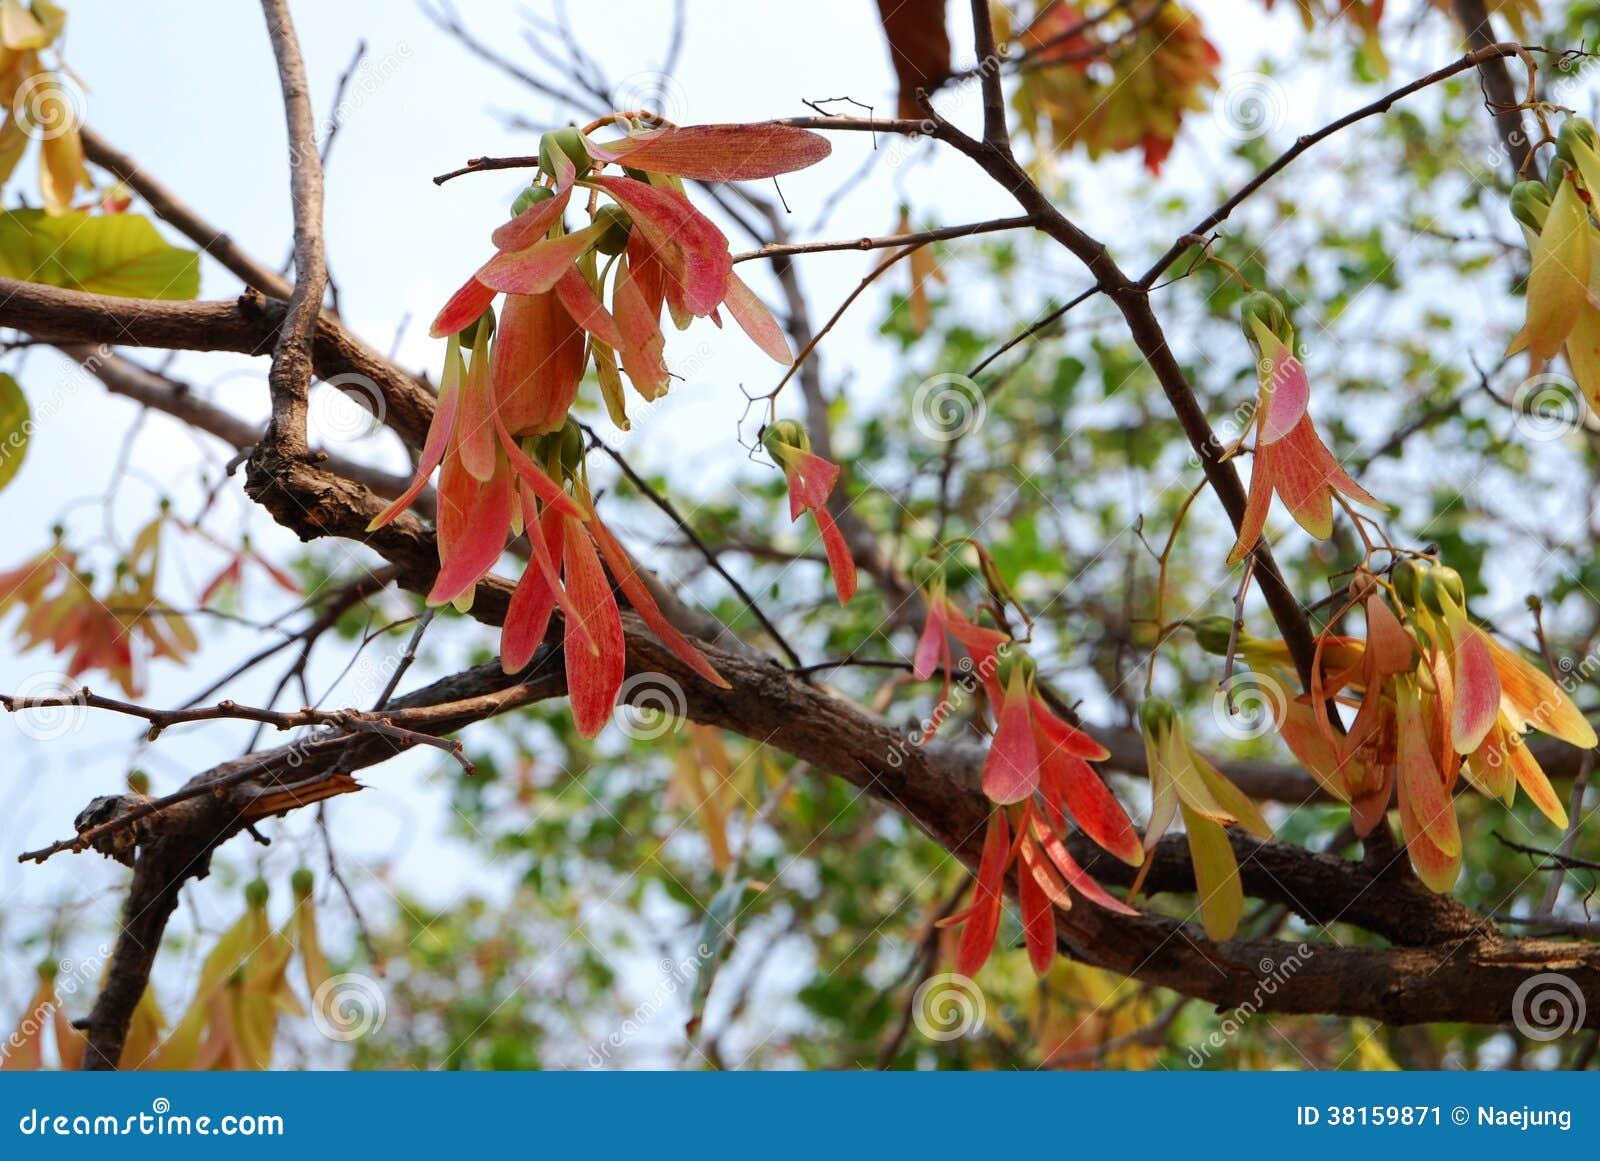 Dipterocarpus